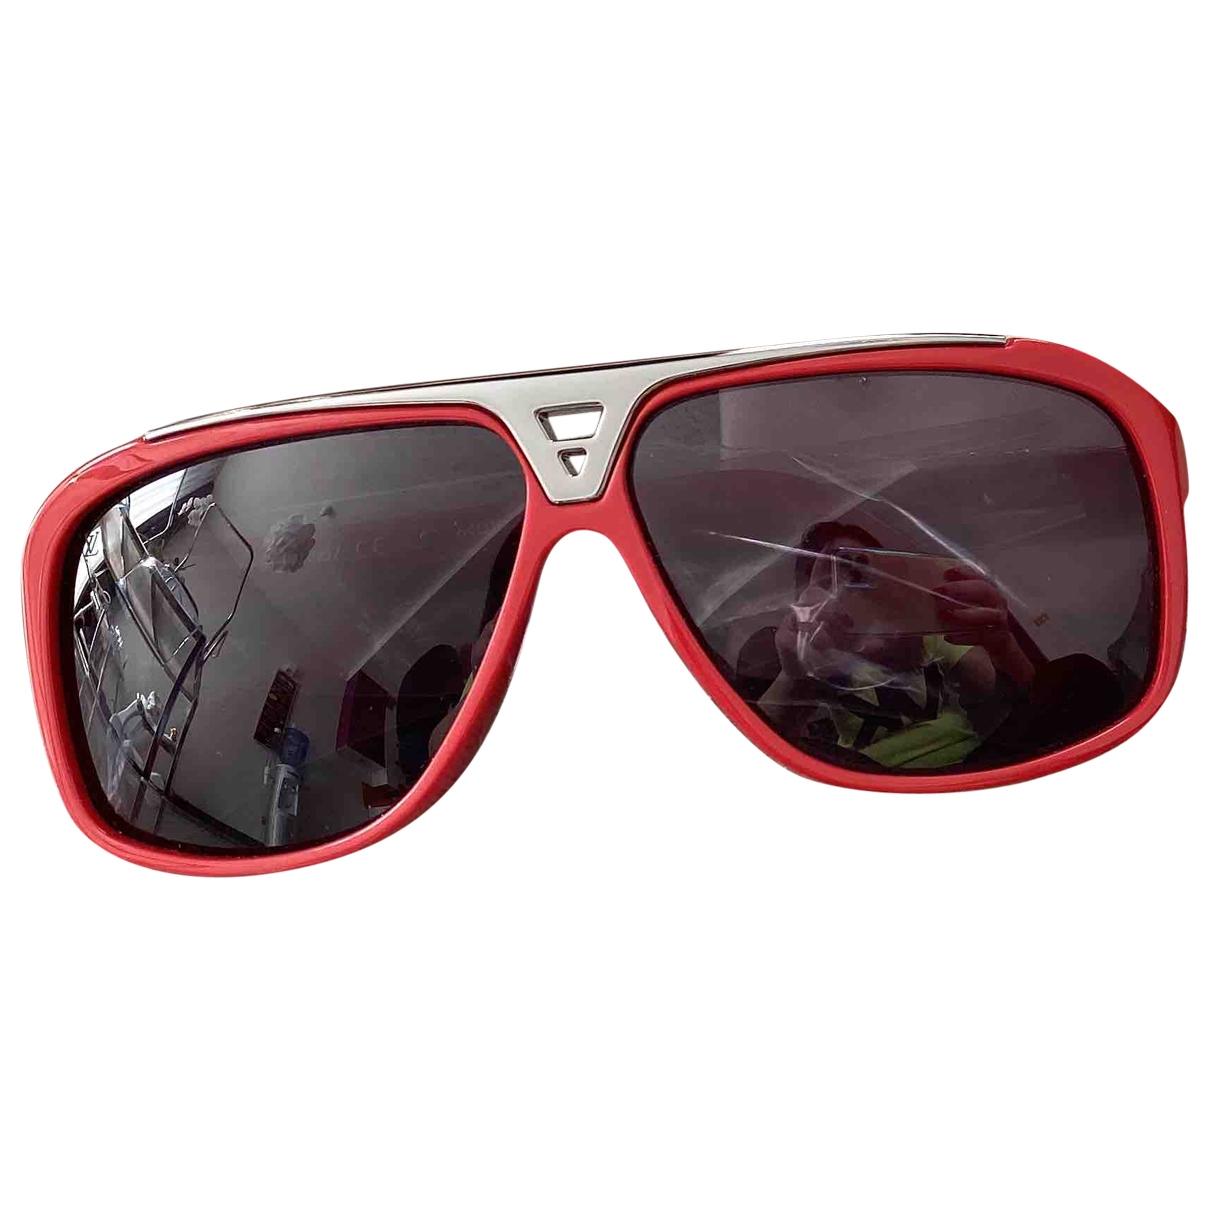 Louis Vuitton - Lunettes   pour homme - rouge